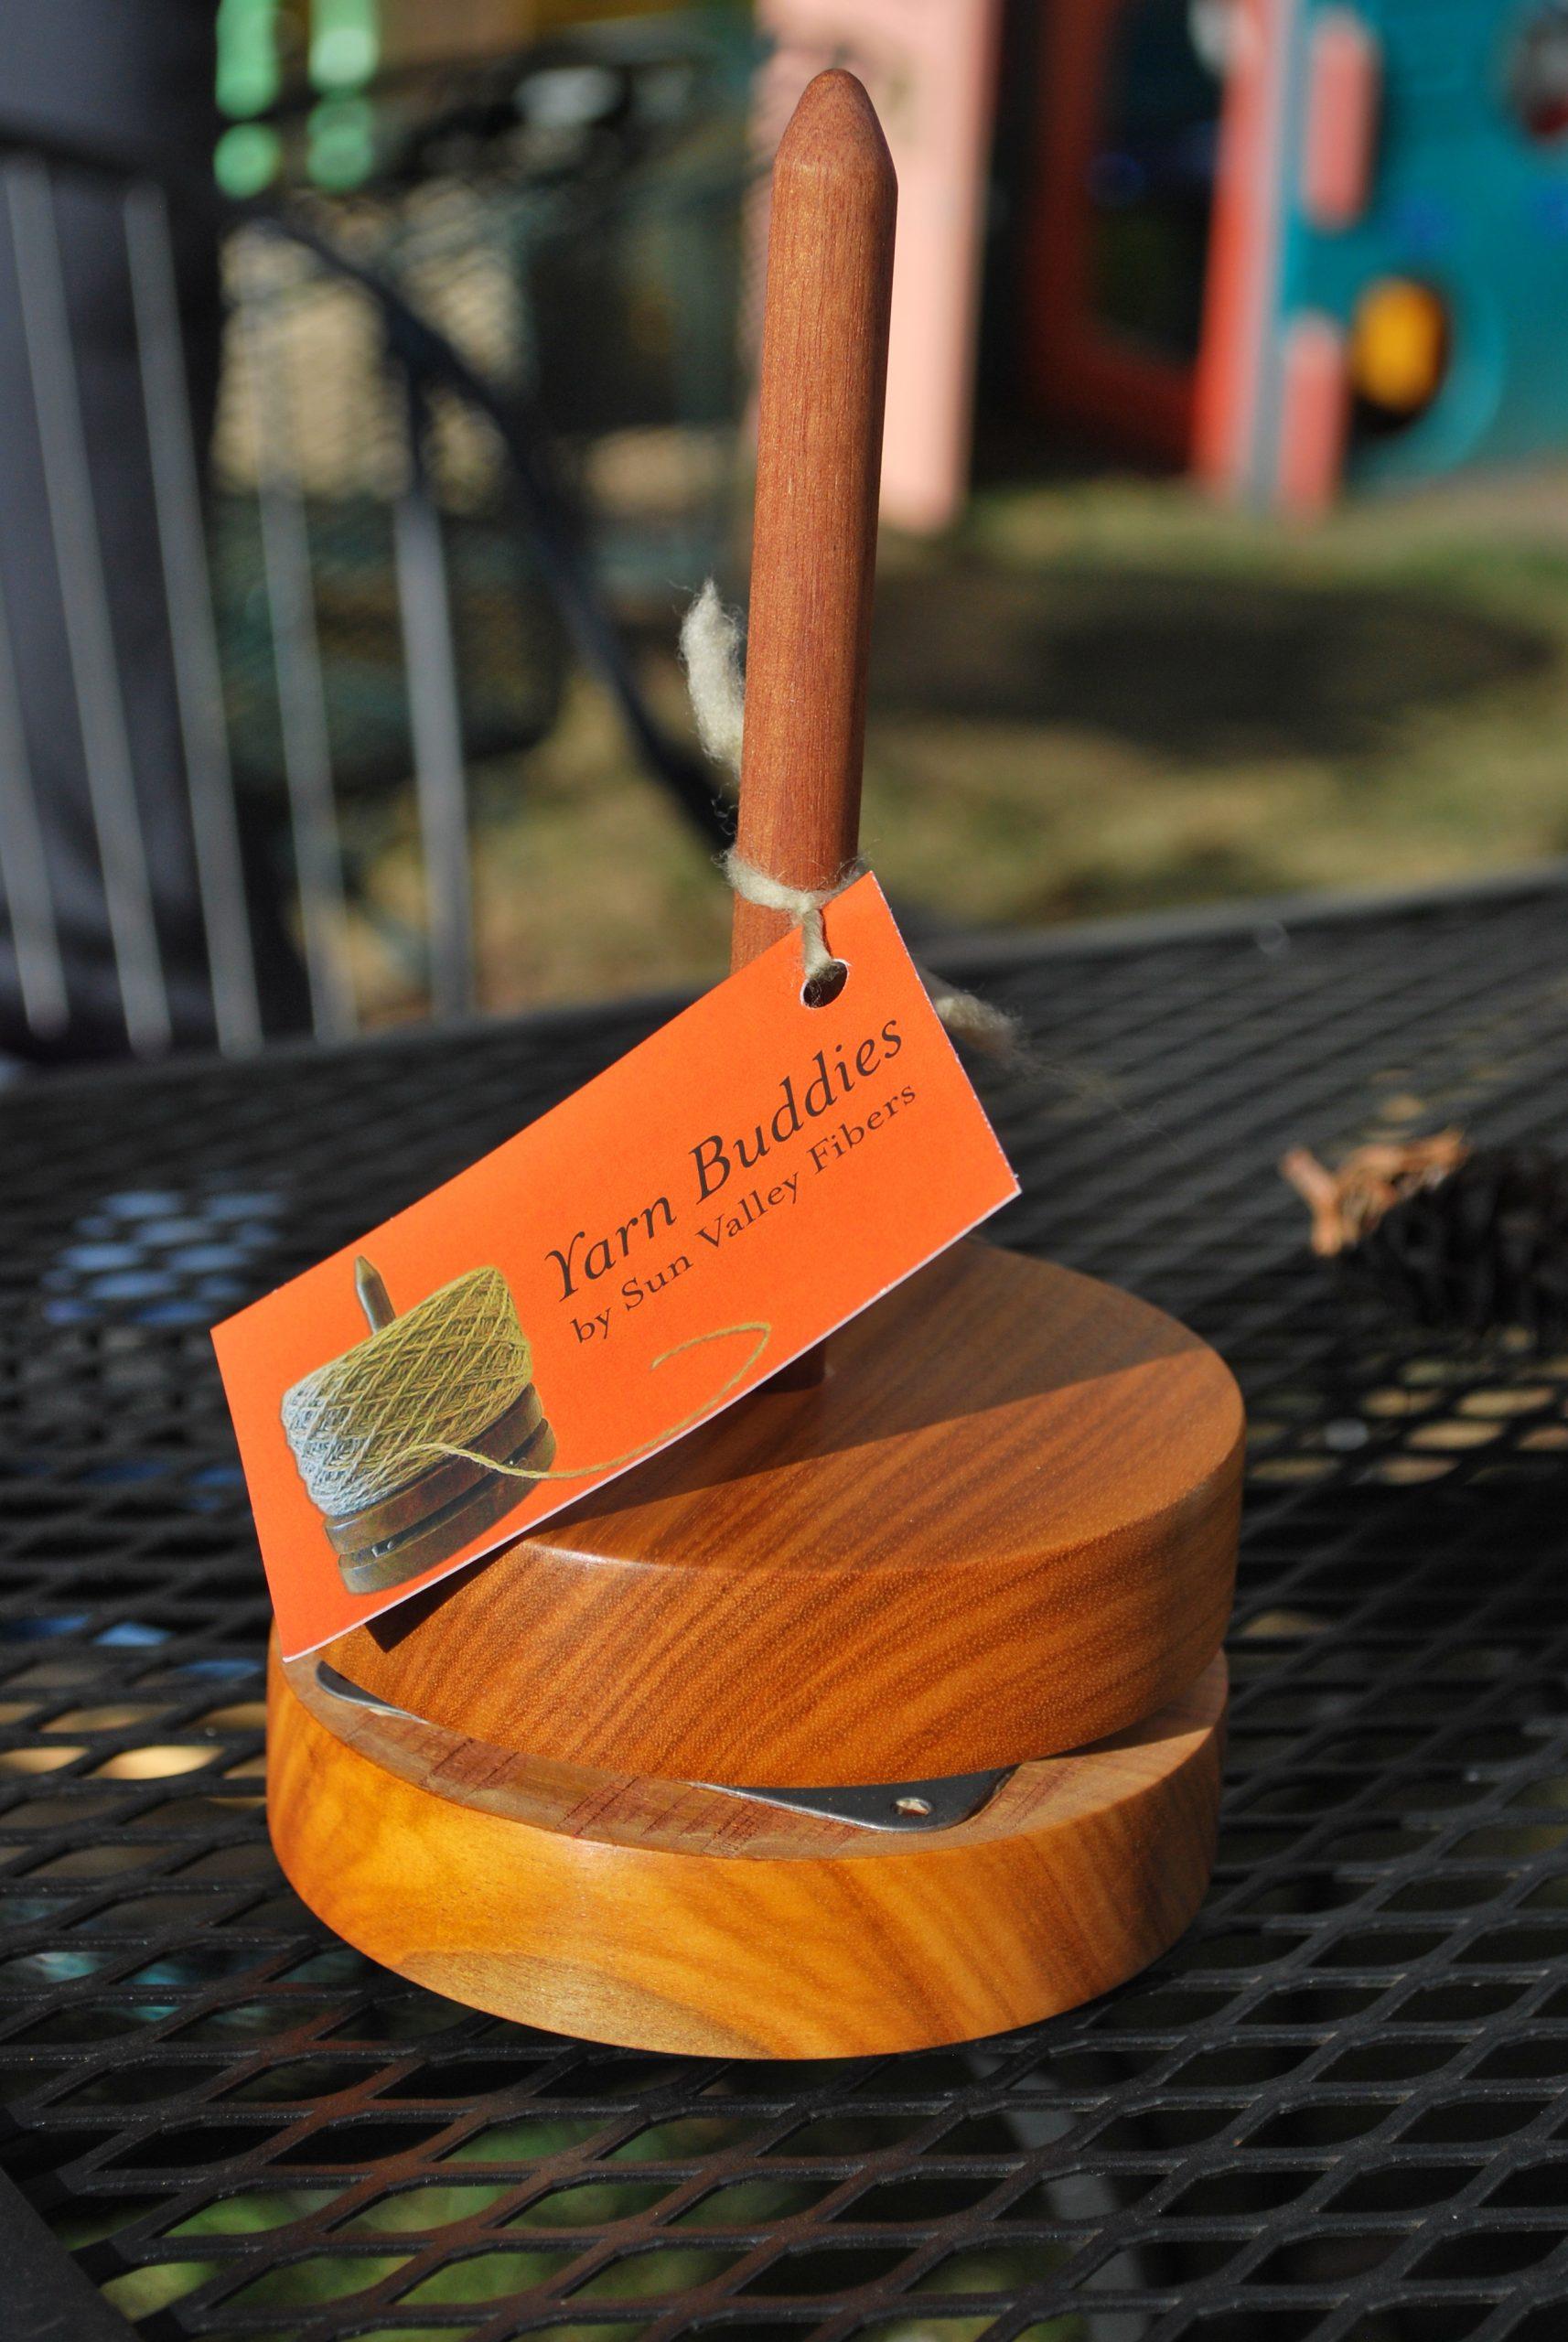 Sun Valley Fibers Yarn Buddy